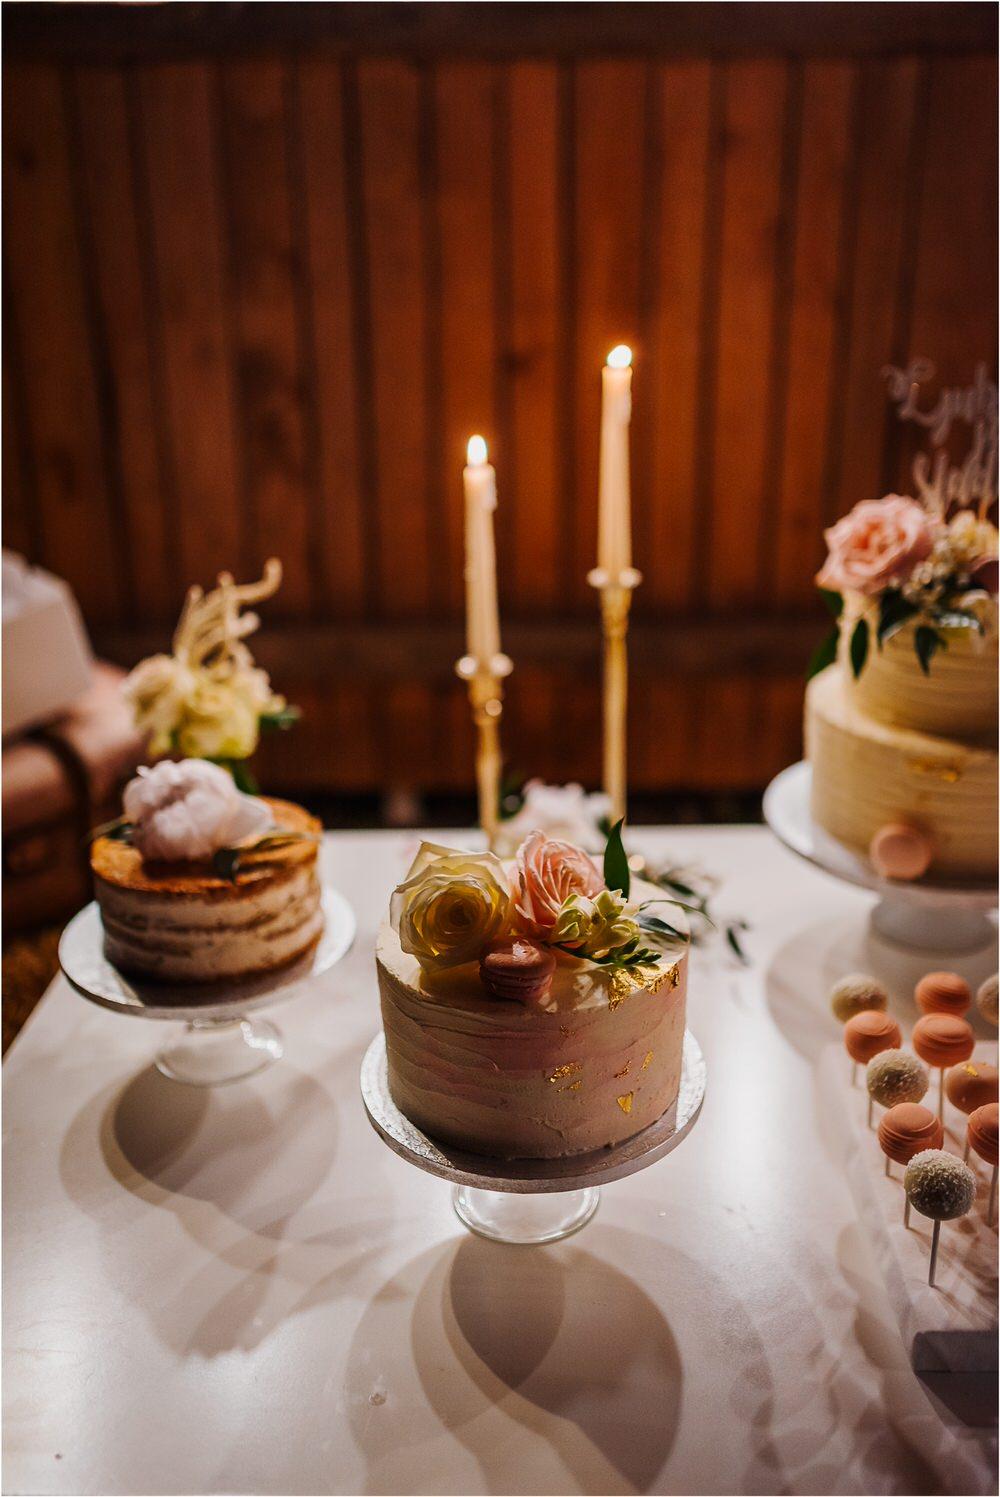 skedenj poroka porocni fotograf fotografiranje elegantna poroka rustikalna poroka pod kozolcem pcakes velesovo mdetail nika grega 0131.jpg